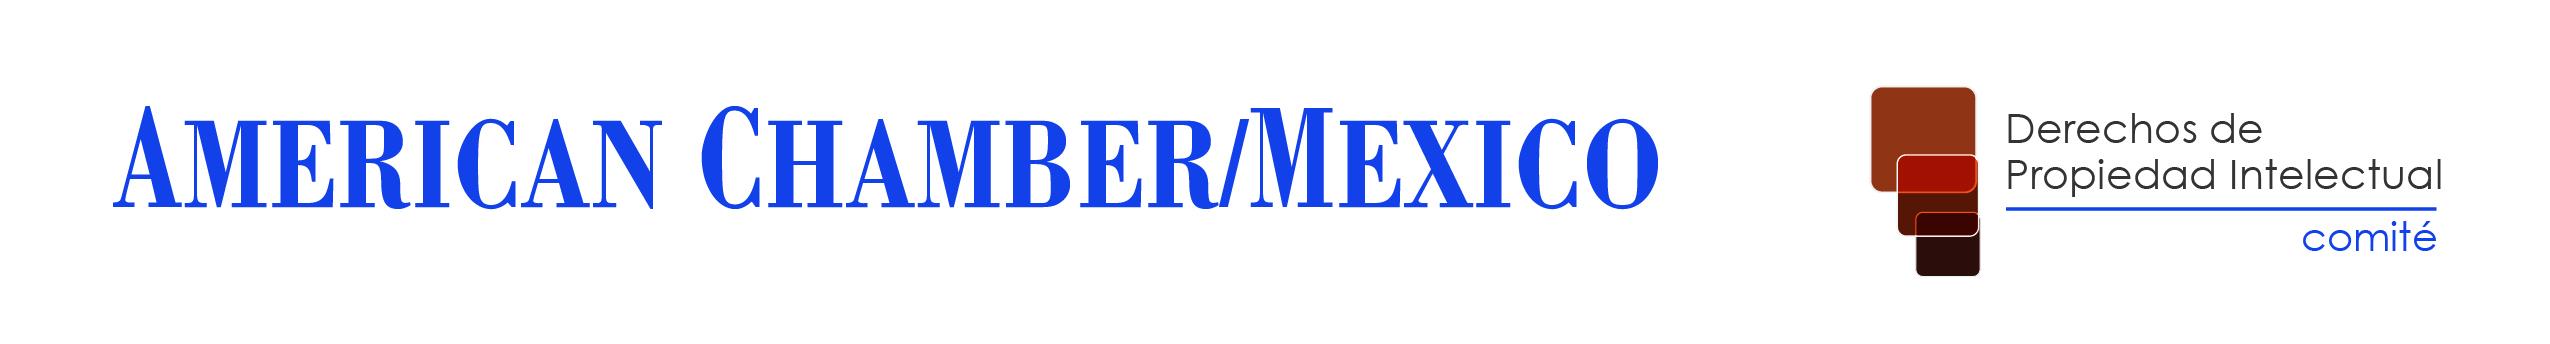 Estatus de la PI en México: retos y desafíos frente a la nueva administración